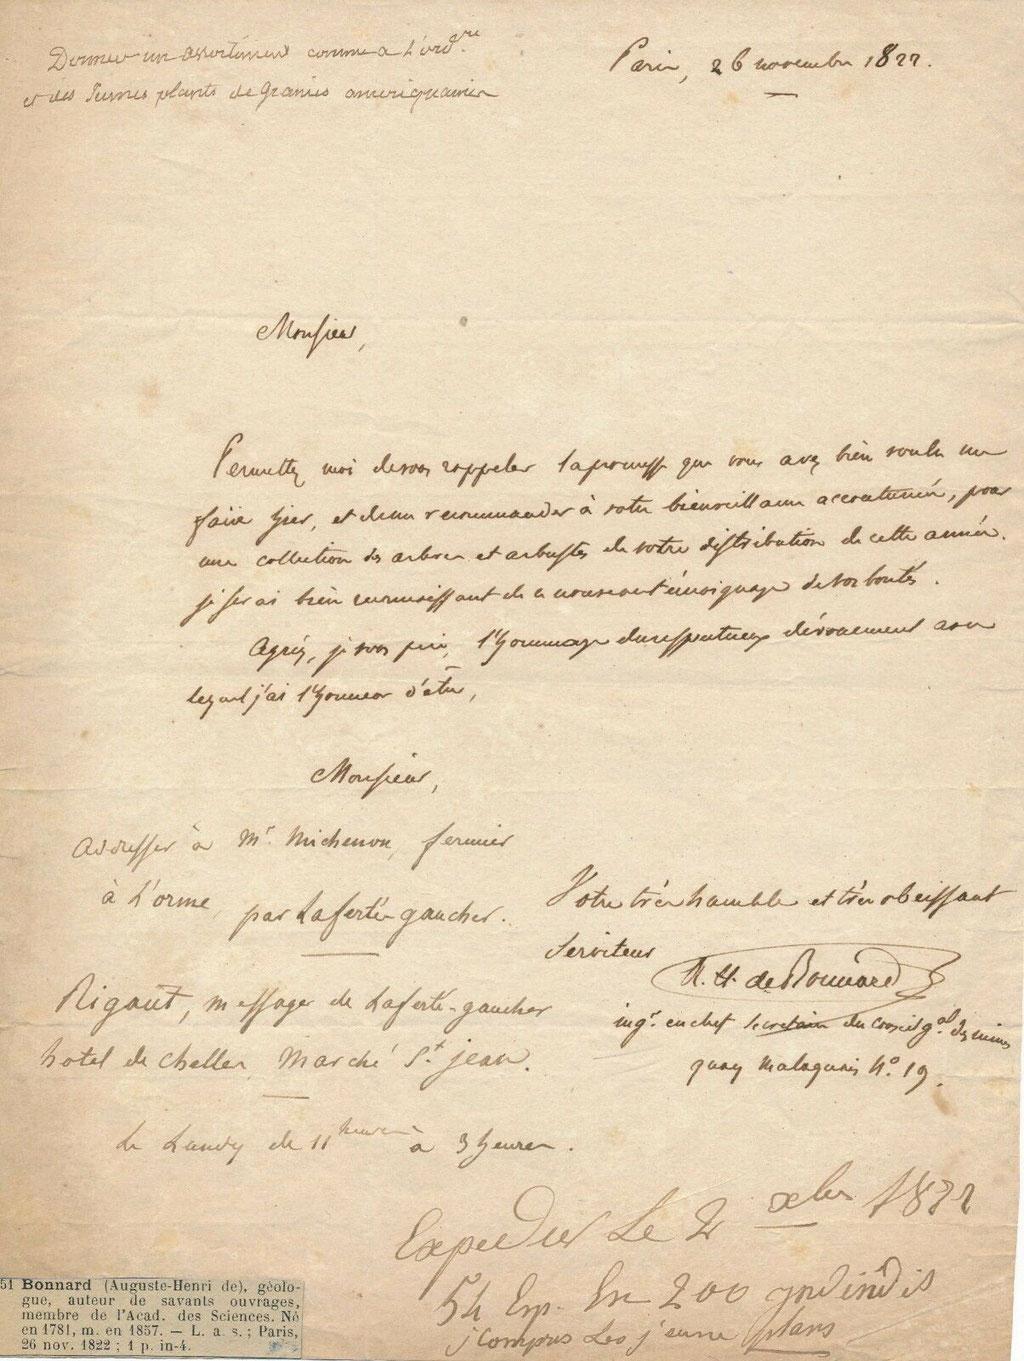 Auguste Henri de Bonnard, géologue